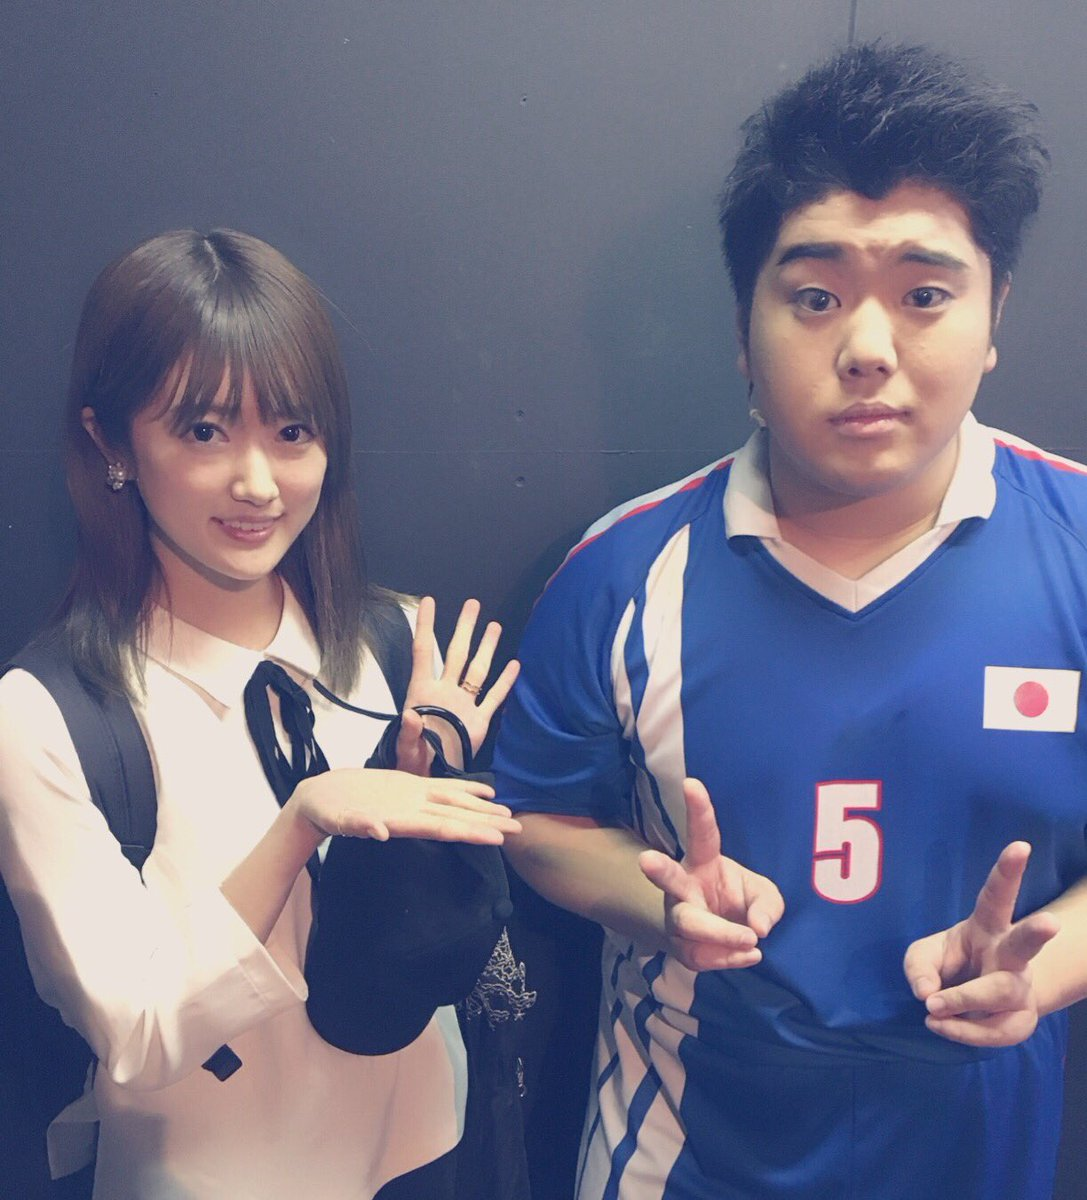 【悲報】乃木坂46樋口日奈、プライベートで左手薬指に指輪